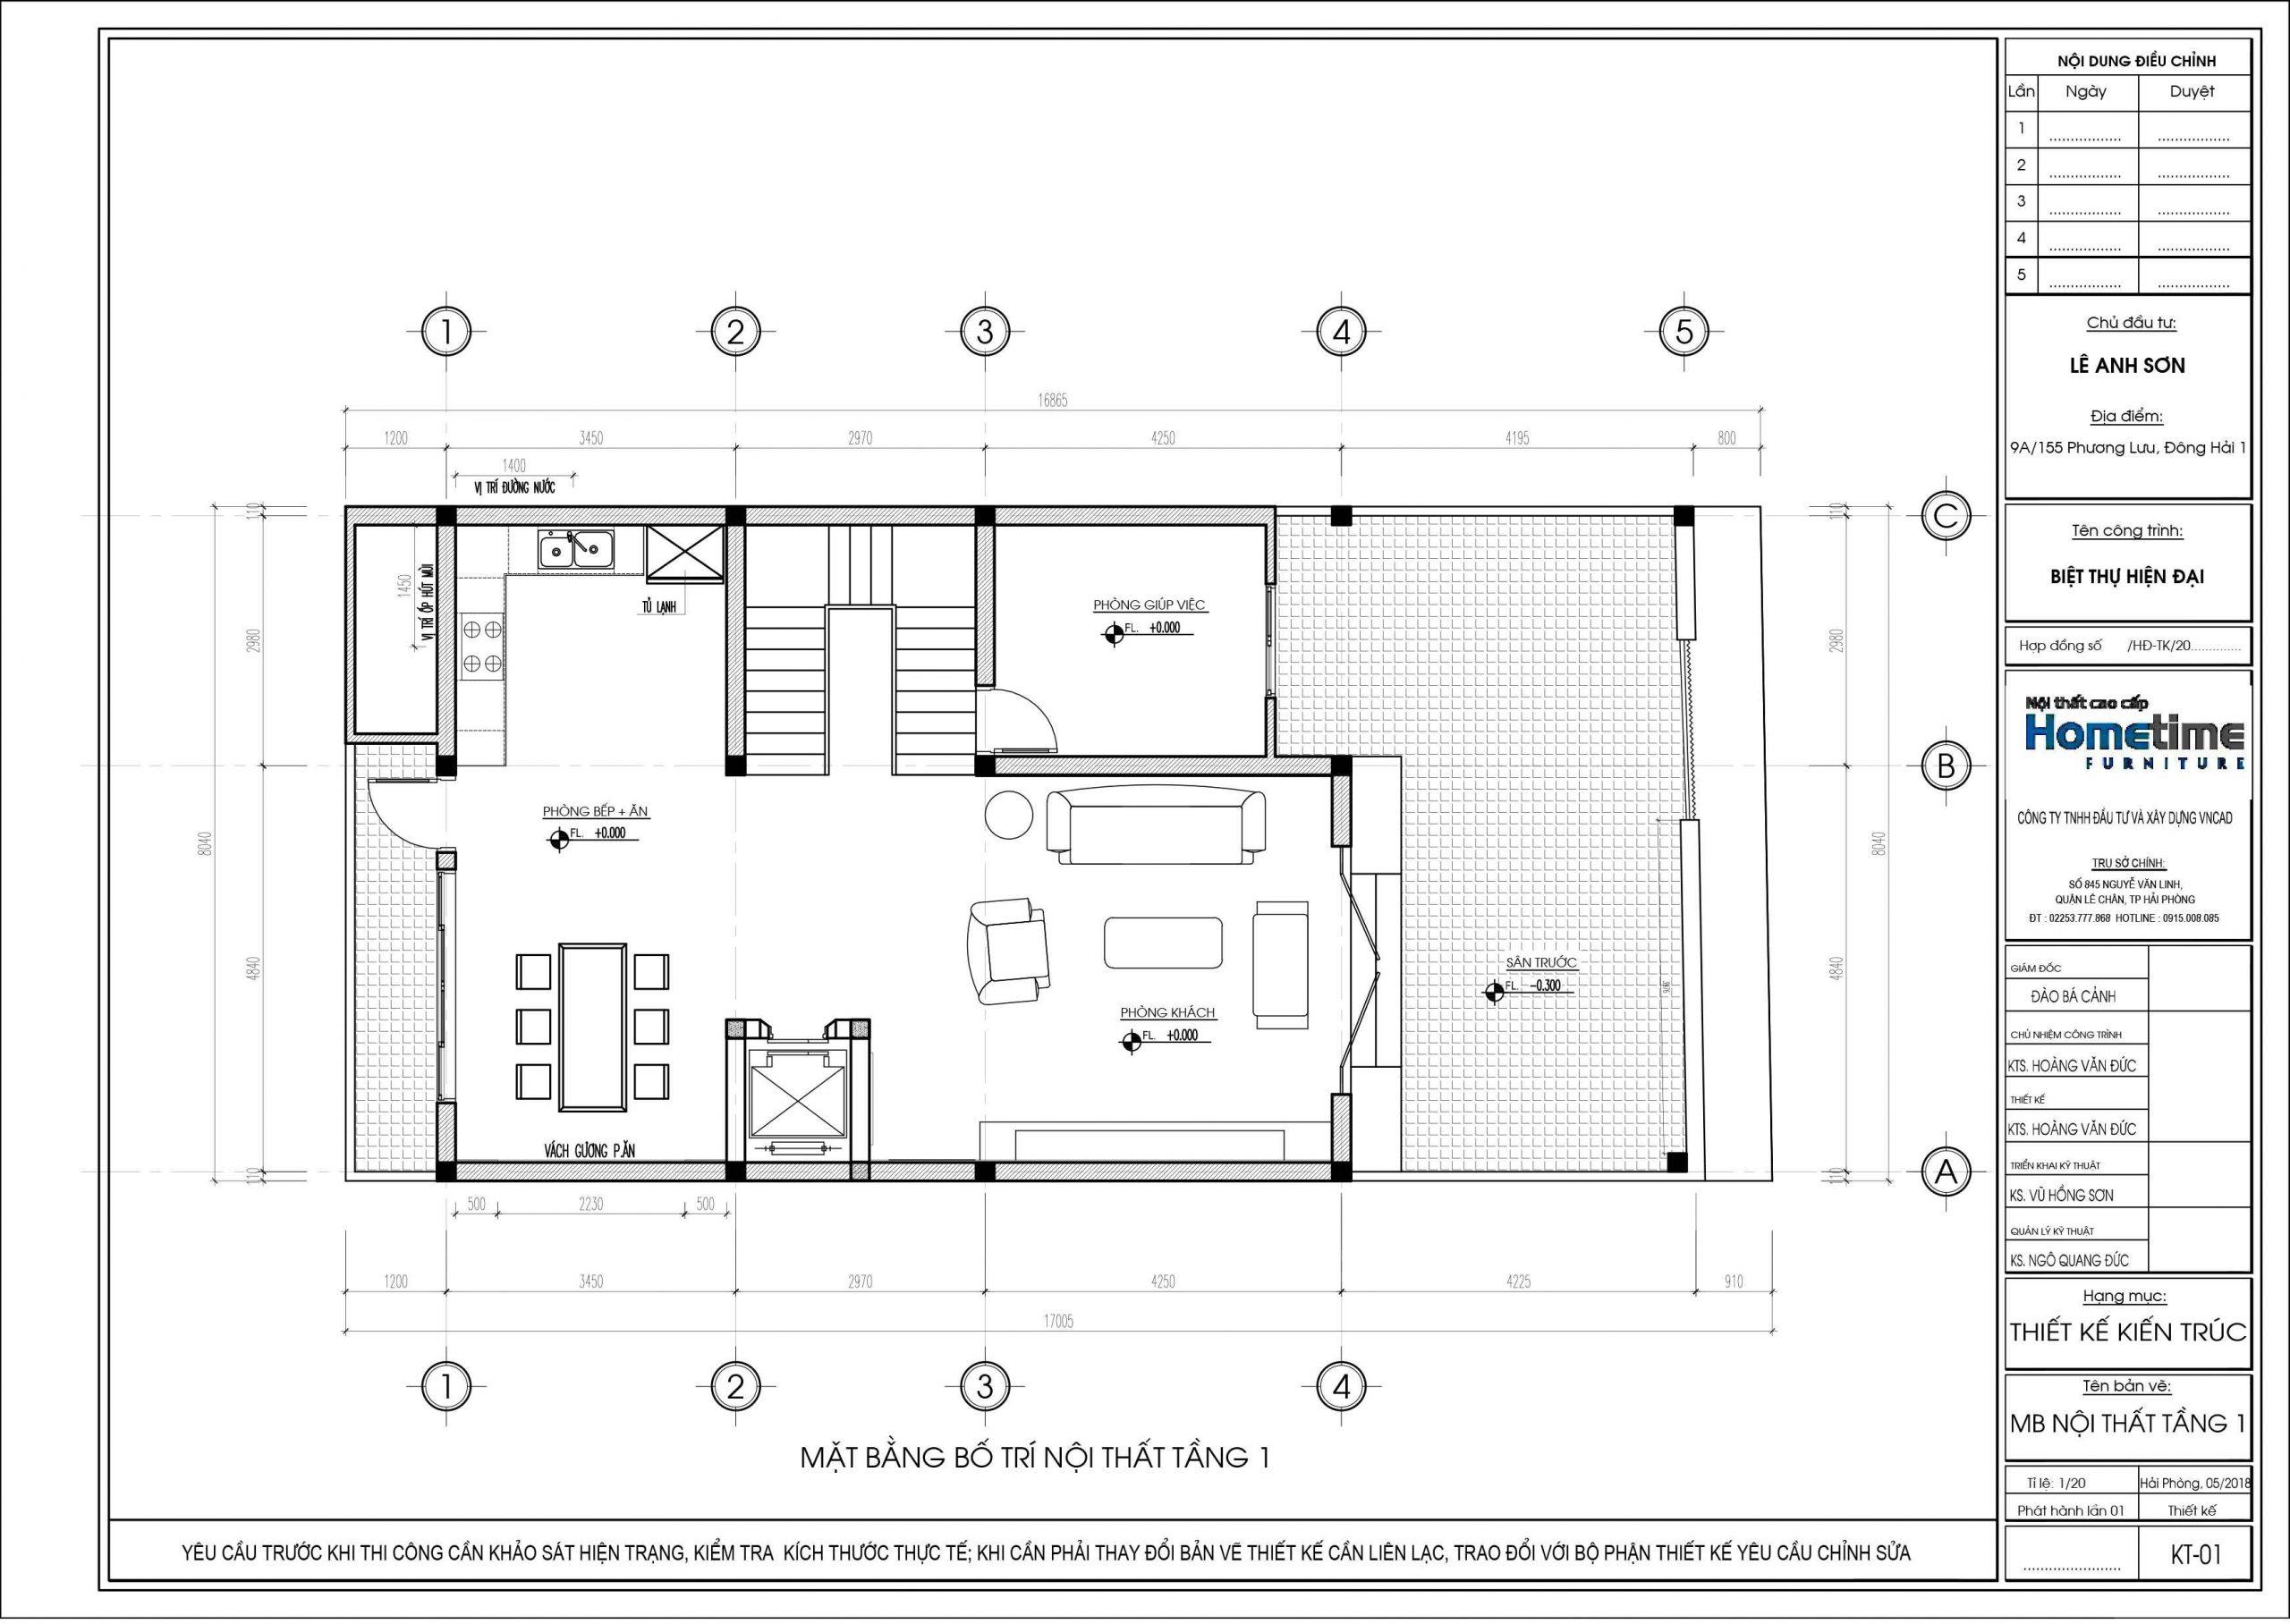 Bản thiết kế chi tiết mặt bằng bố trí nội thất tầng một